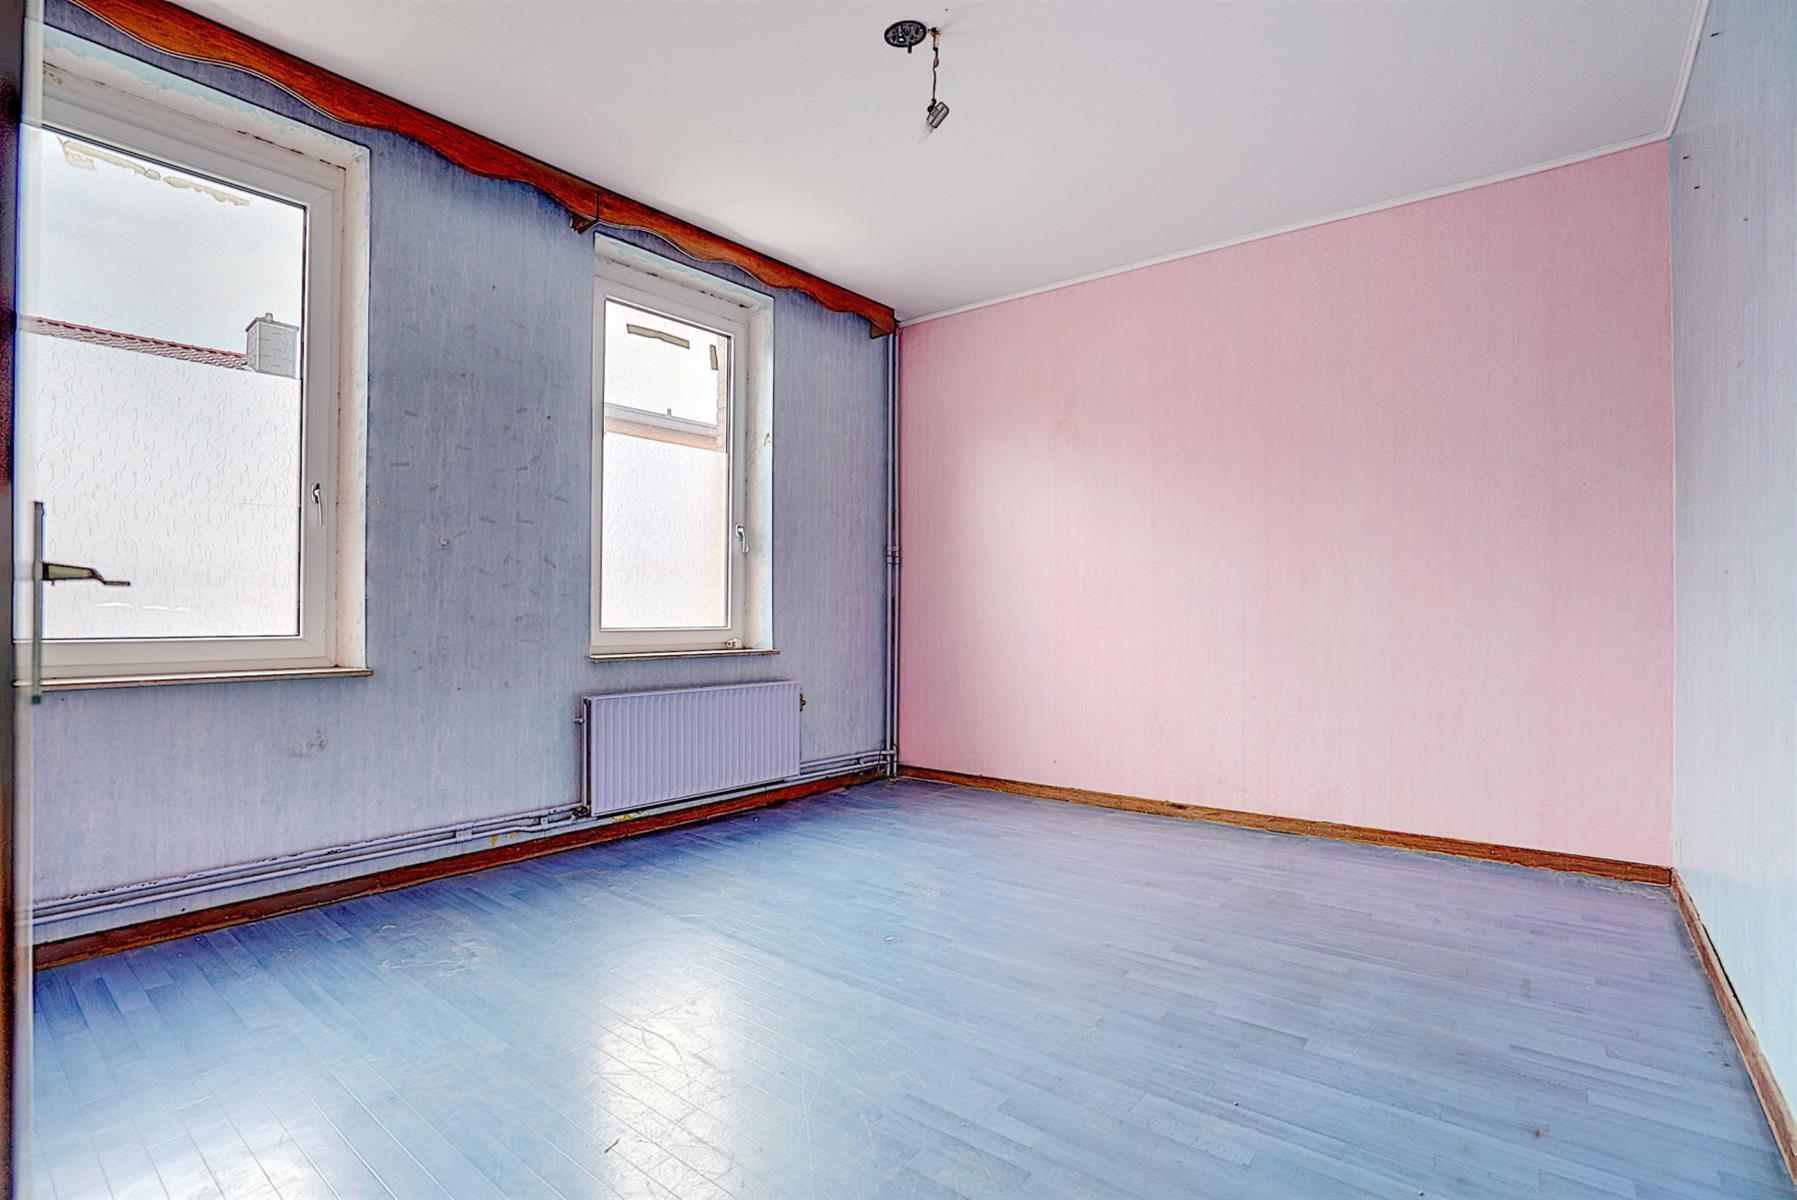 House - Liège - #4401535-8